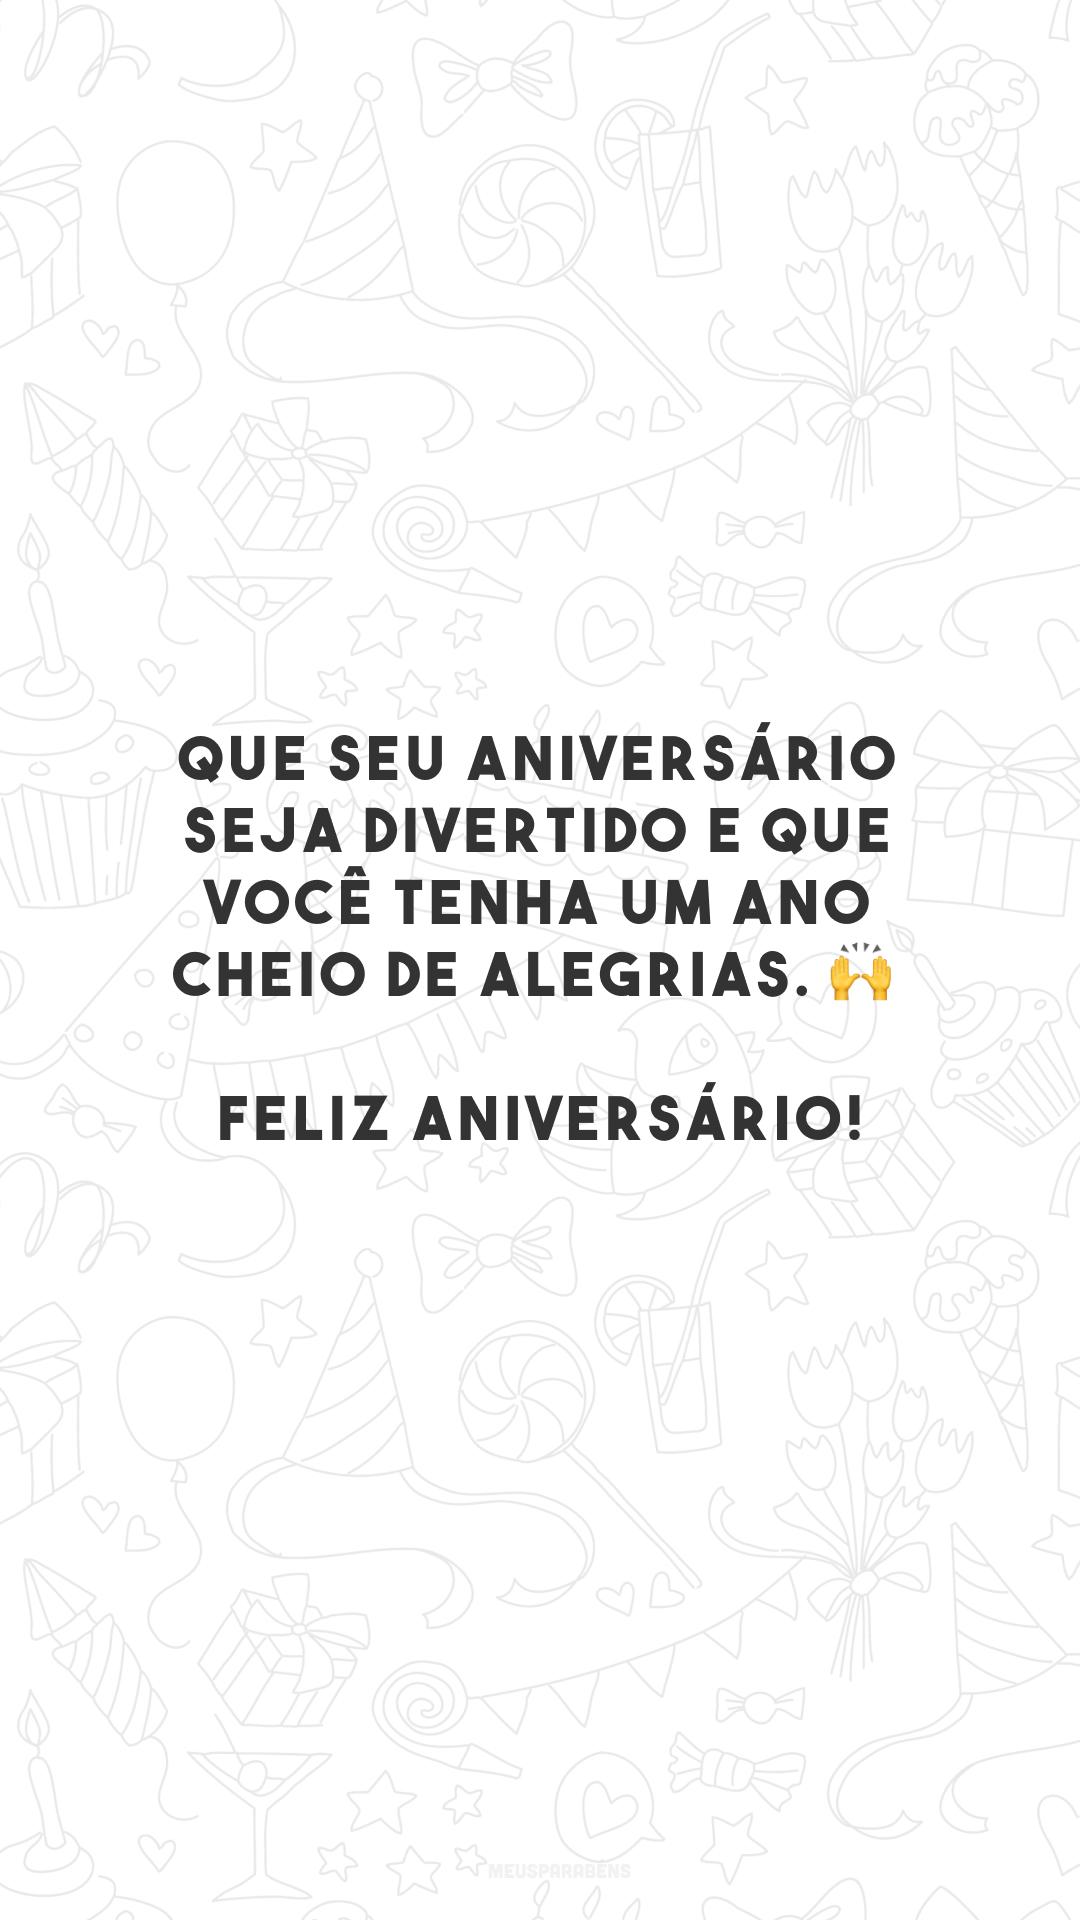 Que seu aniversário seja divertido e que você tenha um ano cheio de alegrias. 🙌 Feliz aniversário!